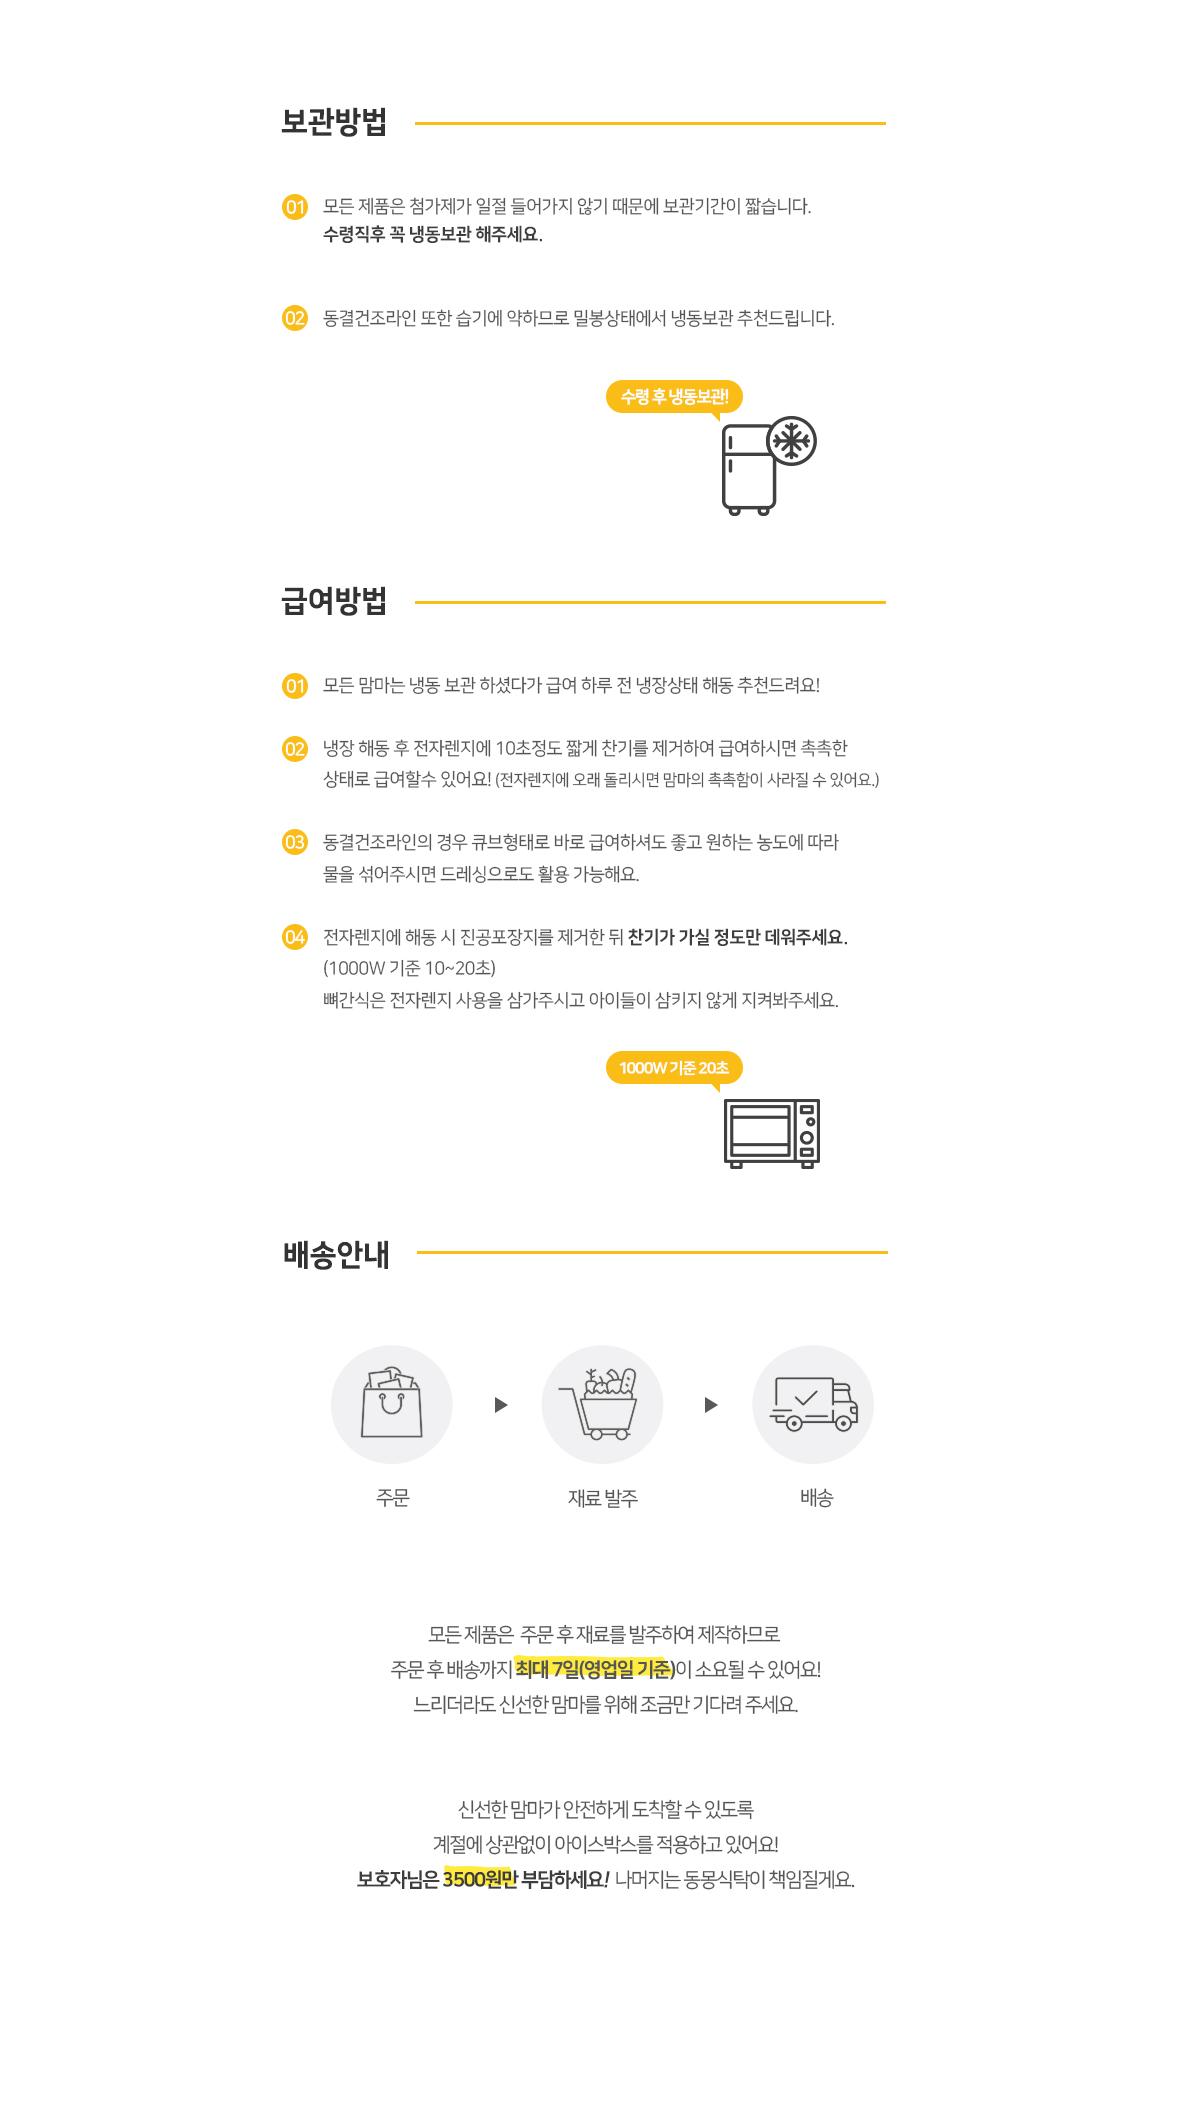 강아지 수제간식 소고기 스테이크 세트 180g - 동몽식탁, 11,000원, 간식/영양제, 수제간식